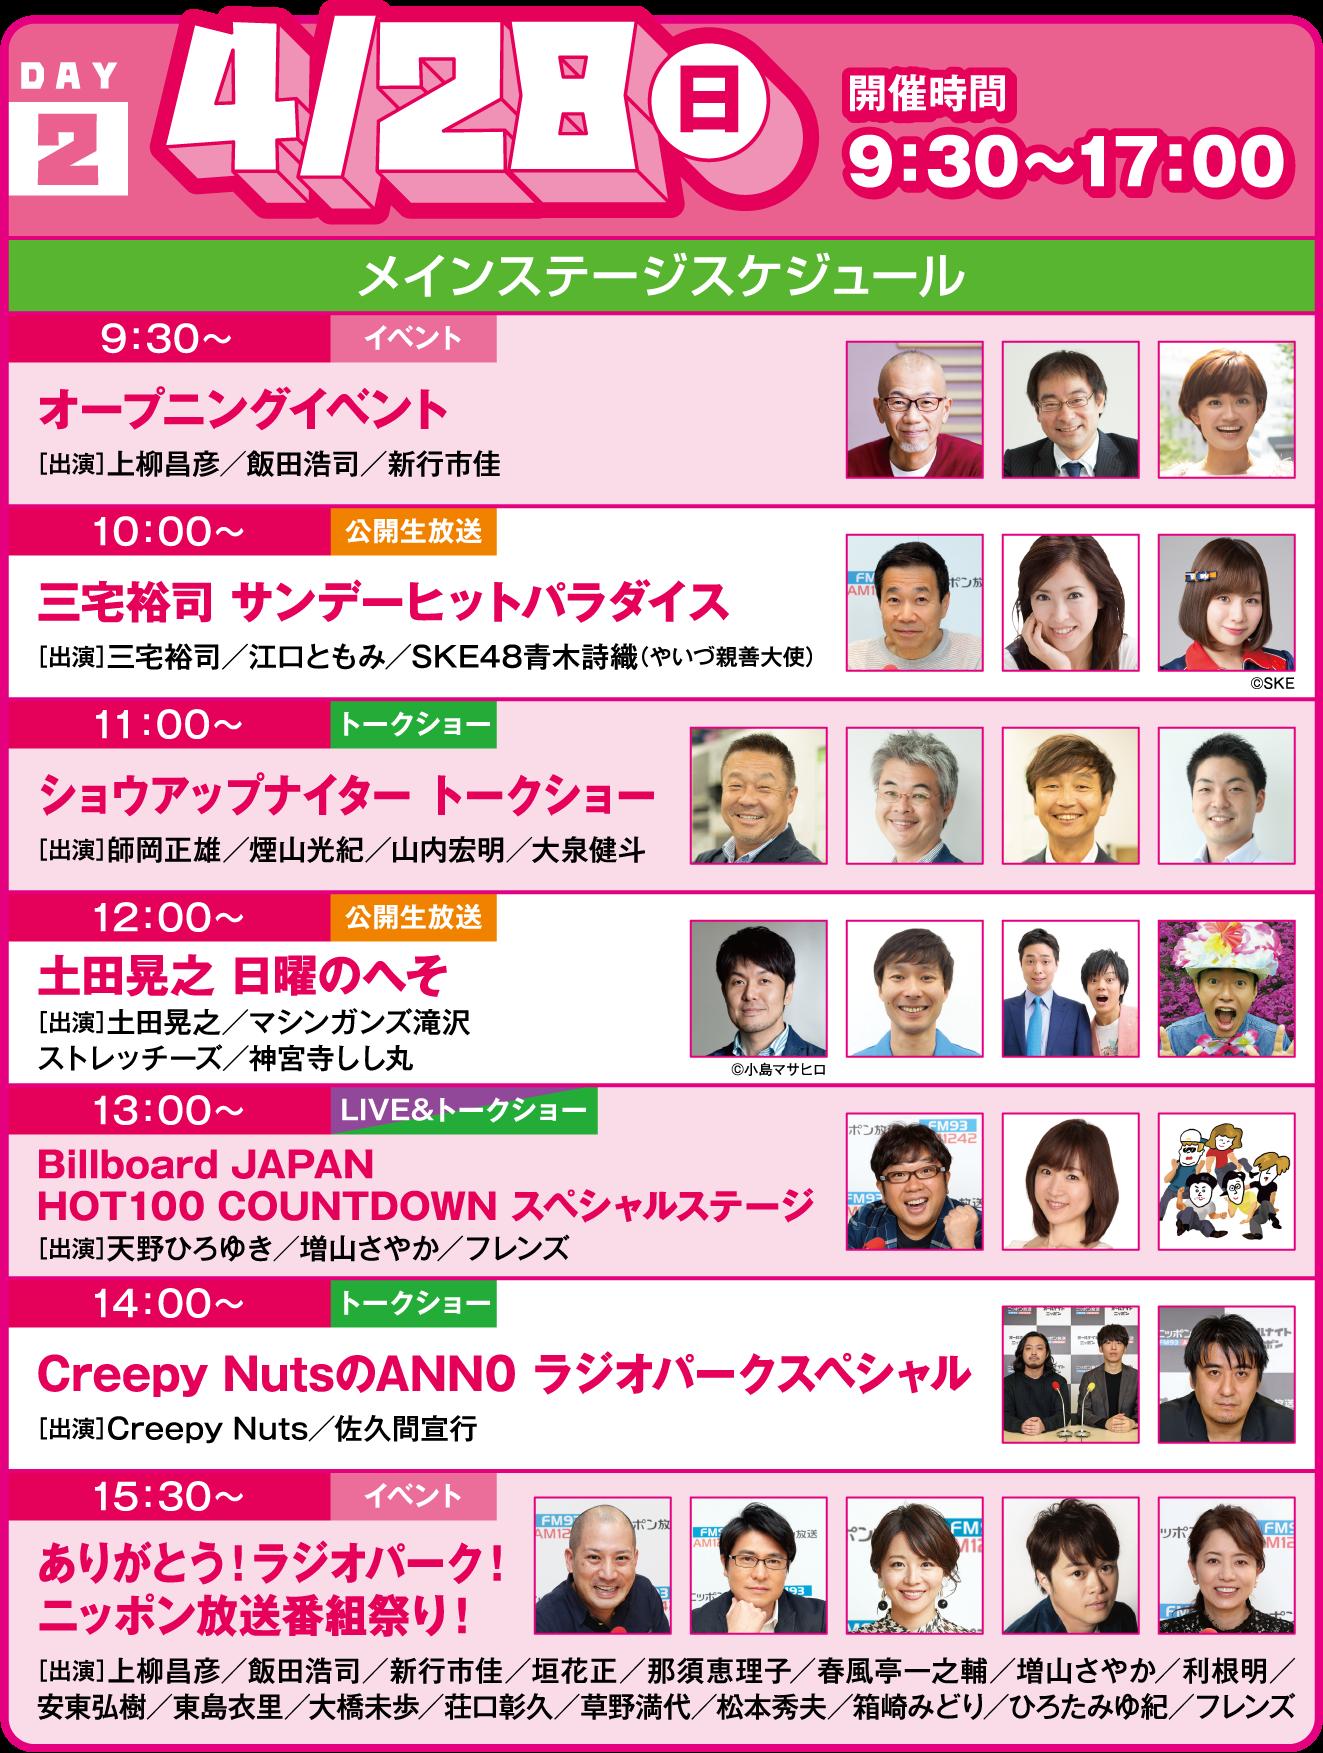 ニッポン放送 ラジオパーク in 日比谷 2019 | ニッポン放送 ラジオ ...